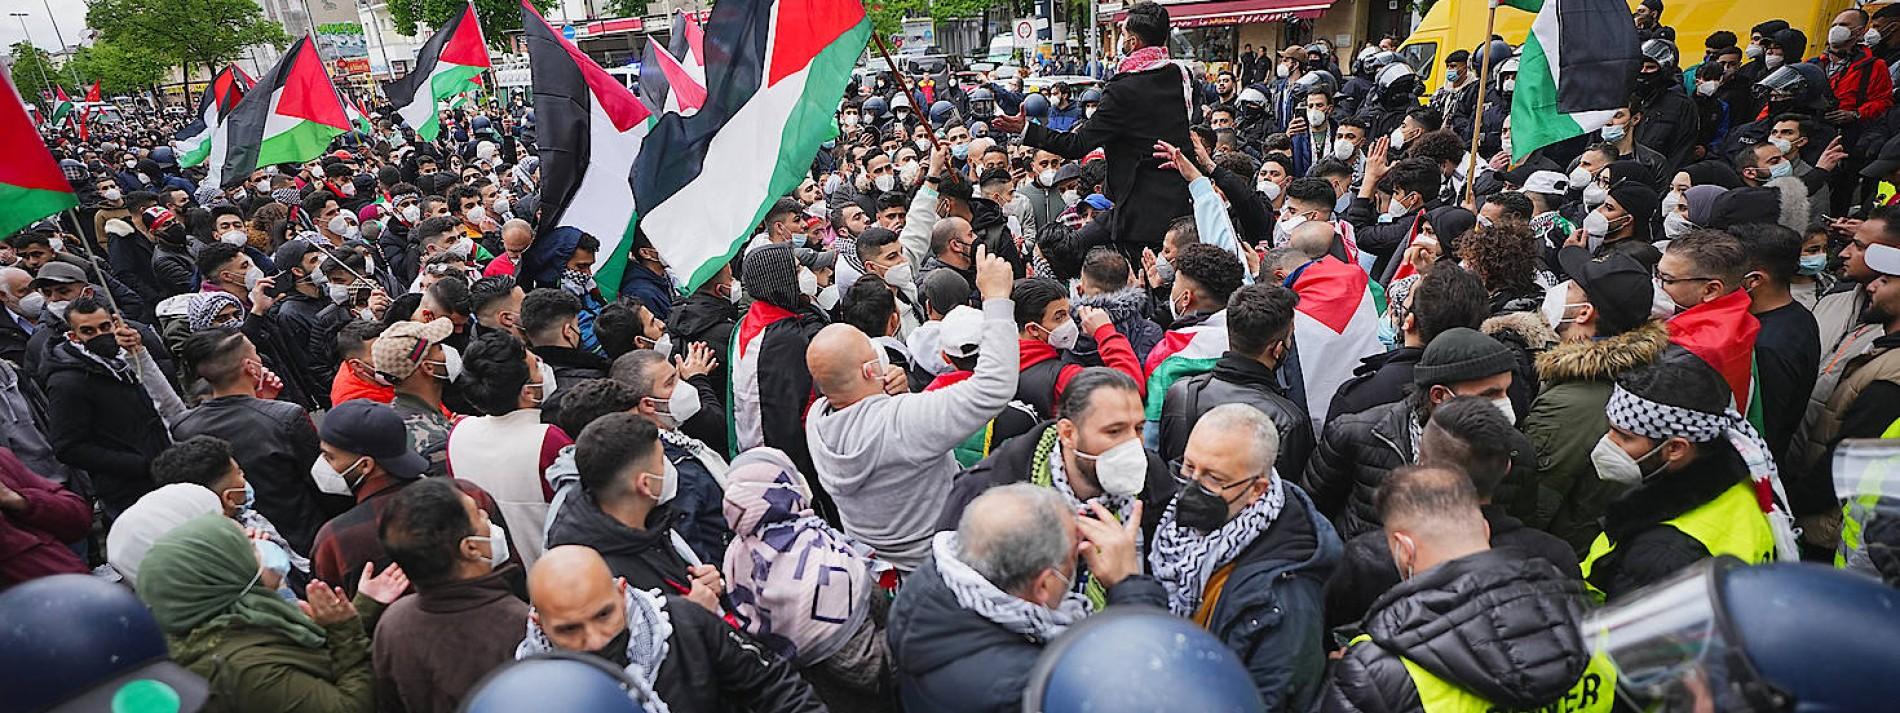 Proteste mit Palästina-Flaggen in Berlin und Dresden